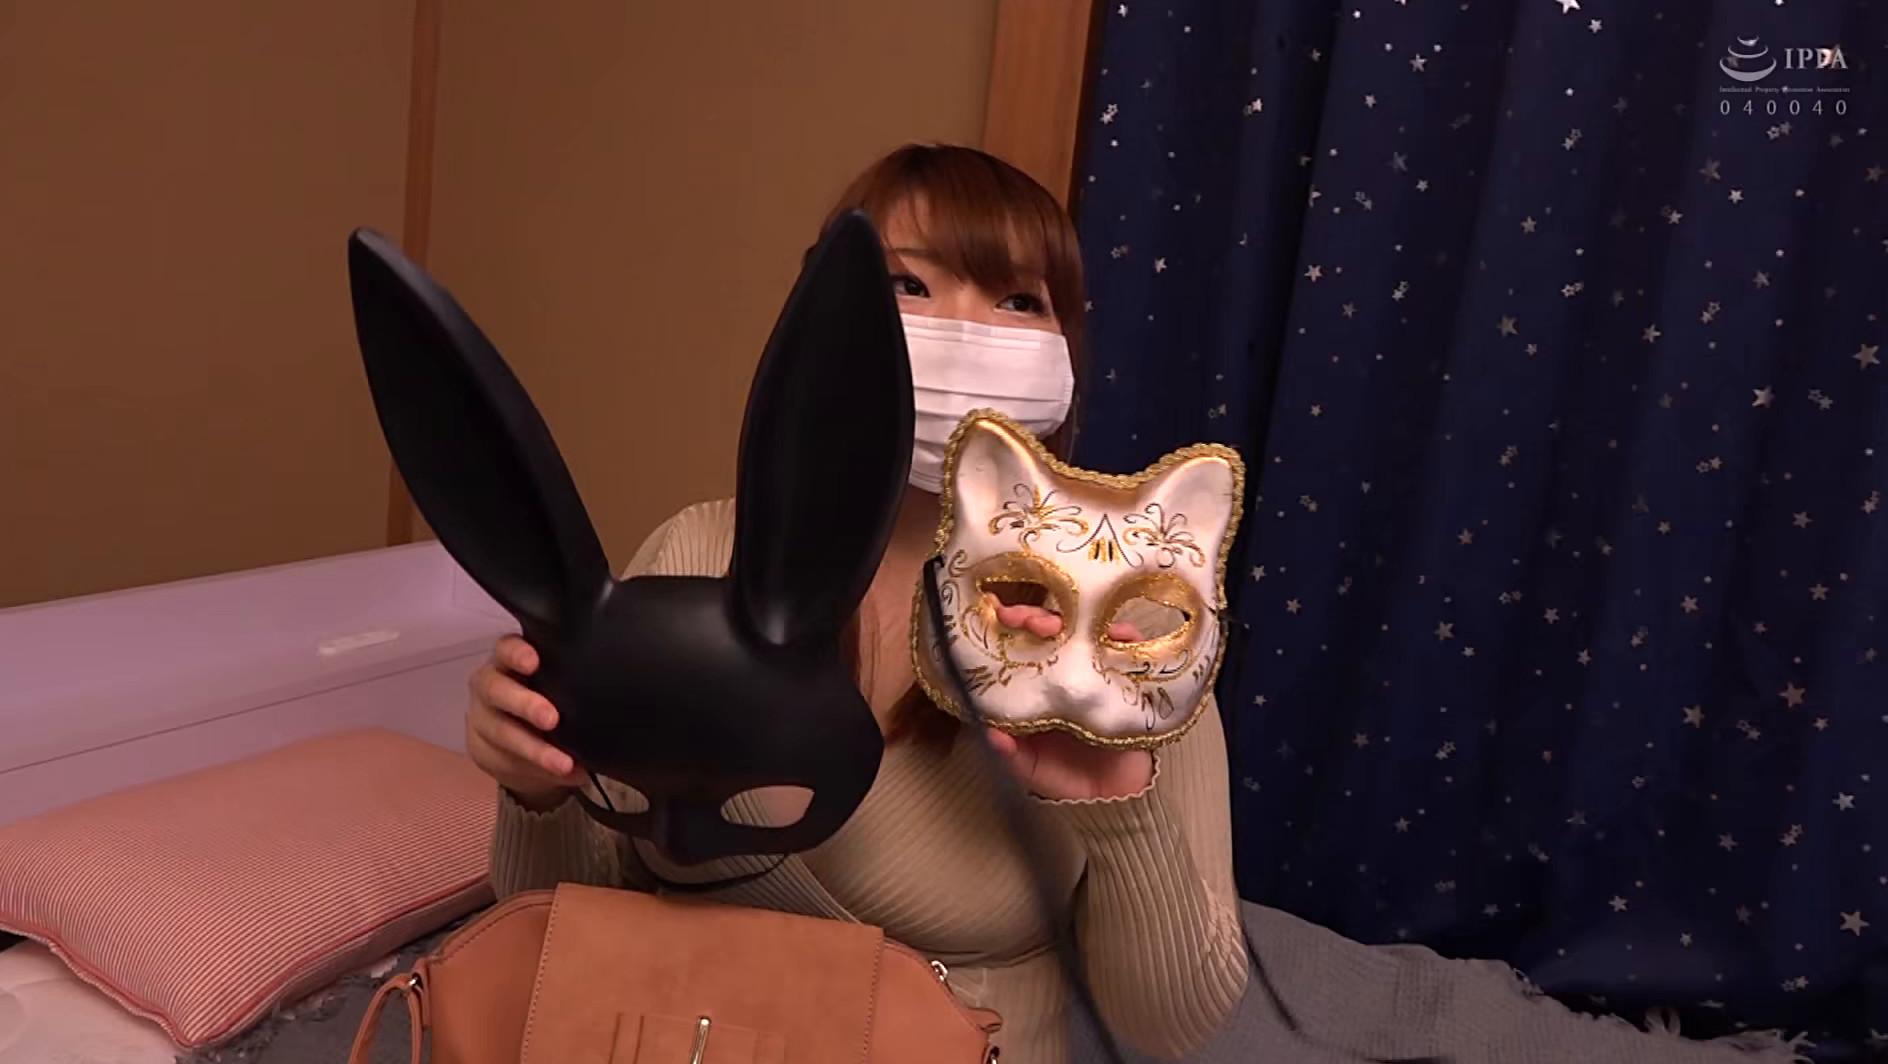 発掘☆デカ乳素人 9